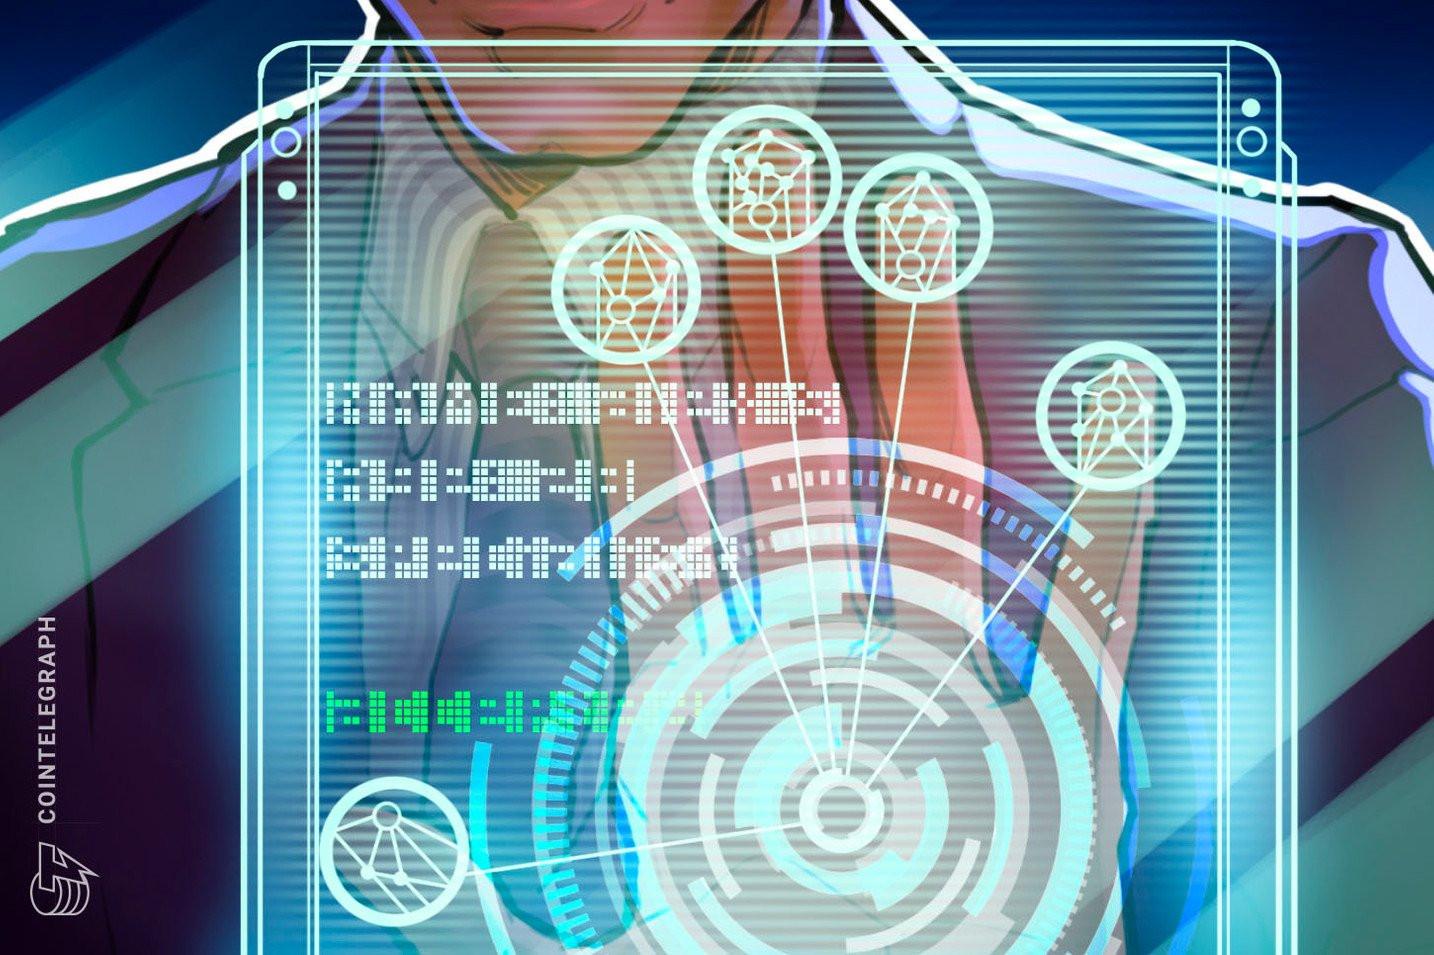 米デジタル証券プラットフォームのセキュリタイズ、デジタルIDサービスを開始 | KYCプロセスの効率化目指す